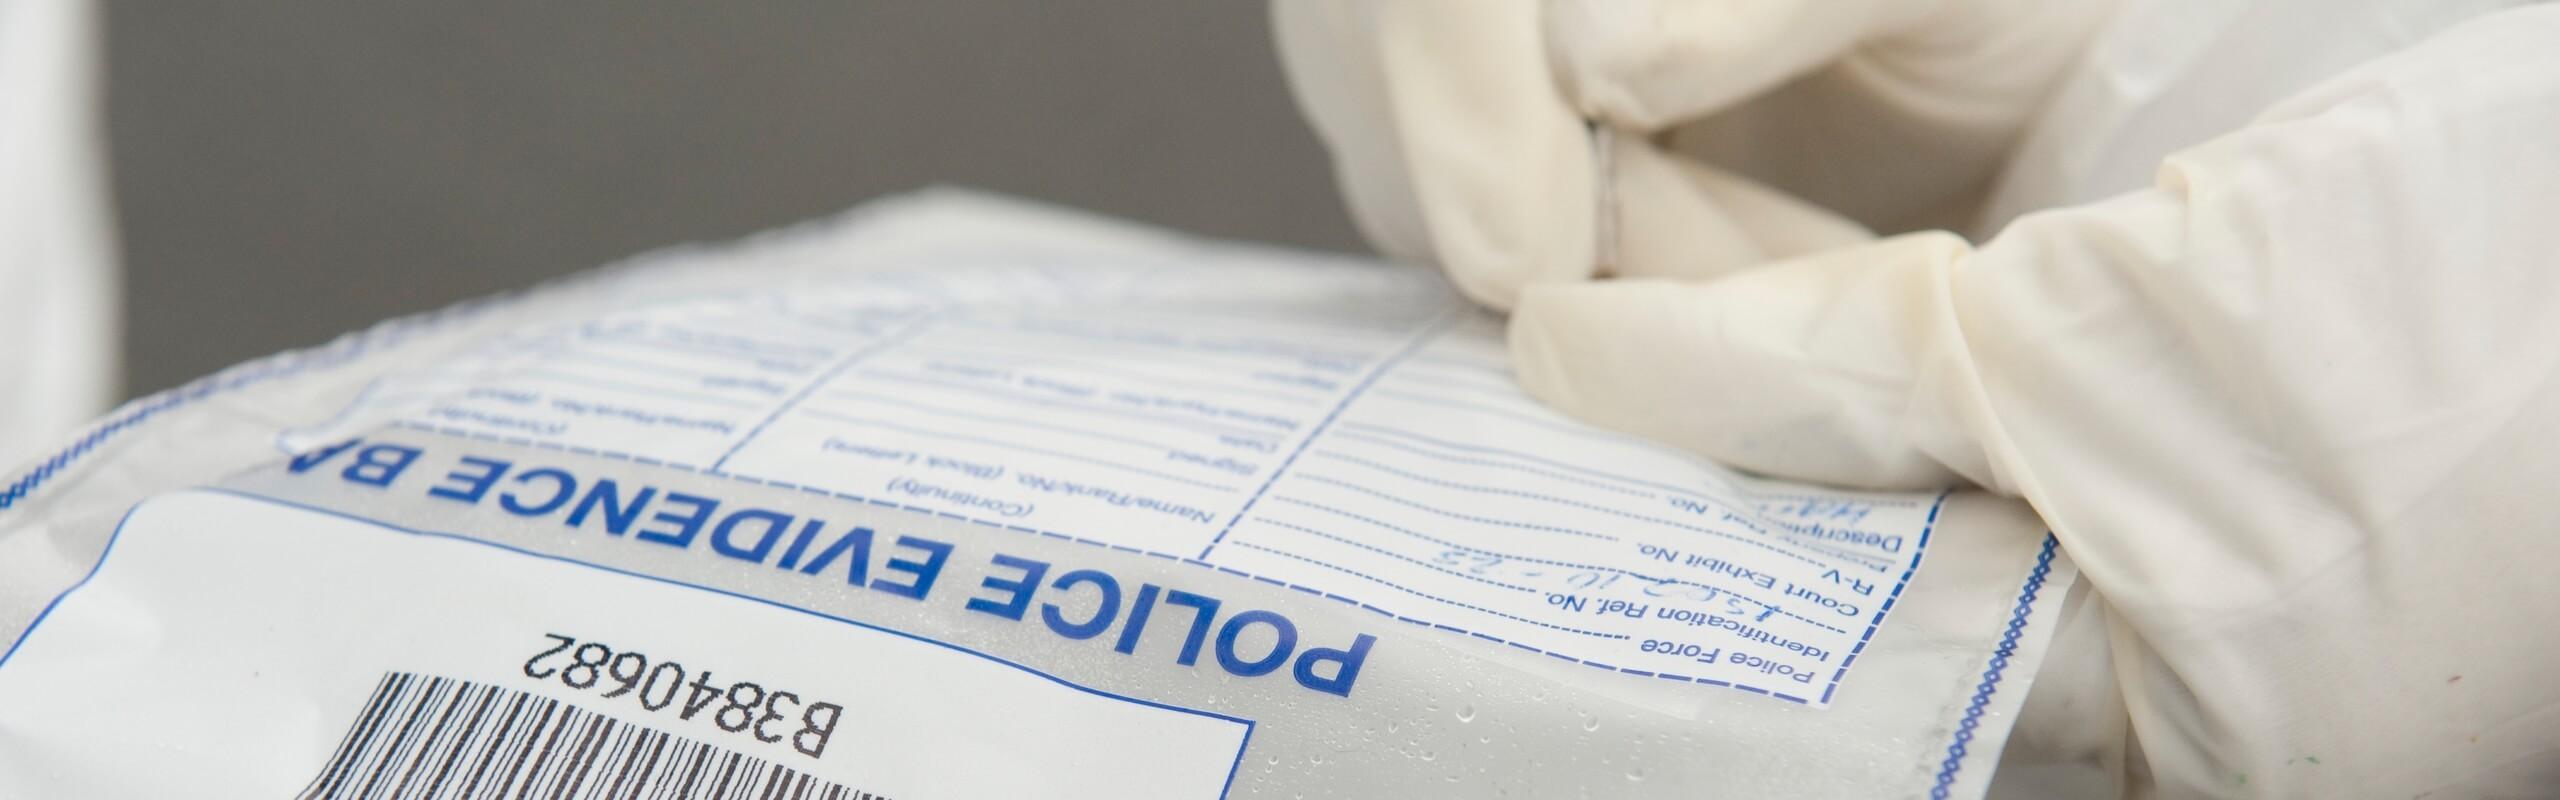 A police evidence bag